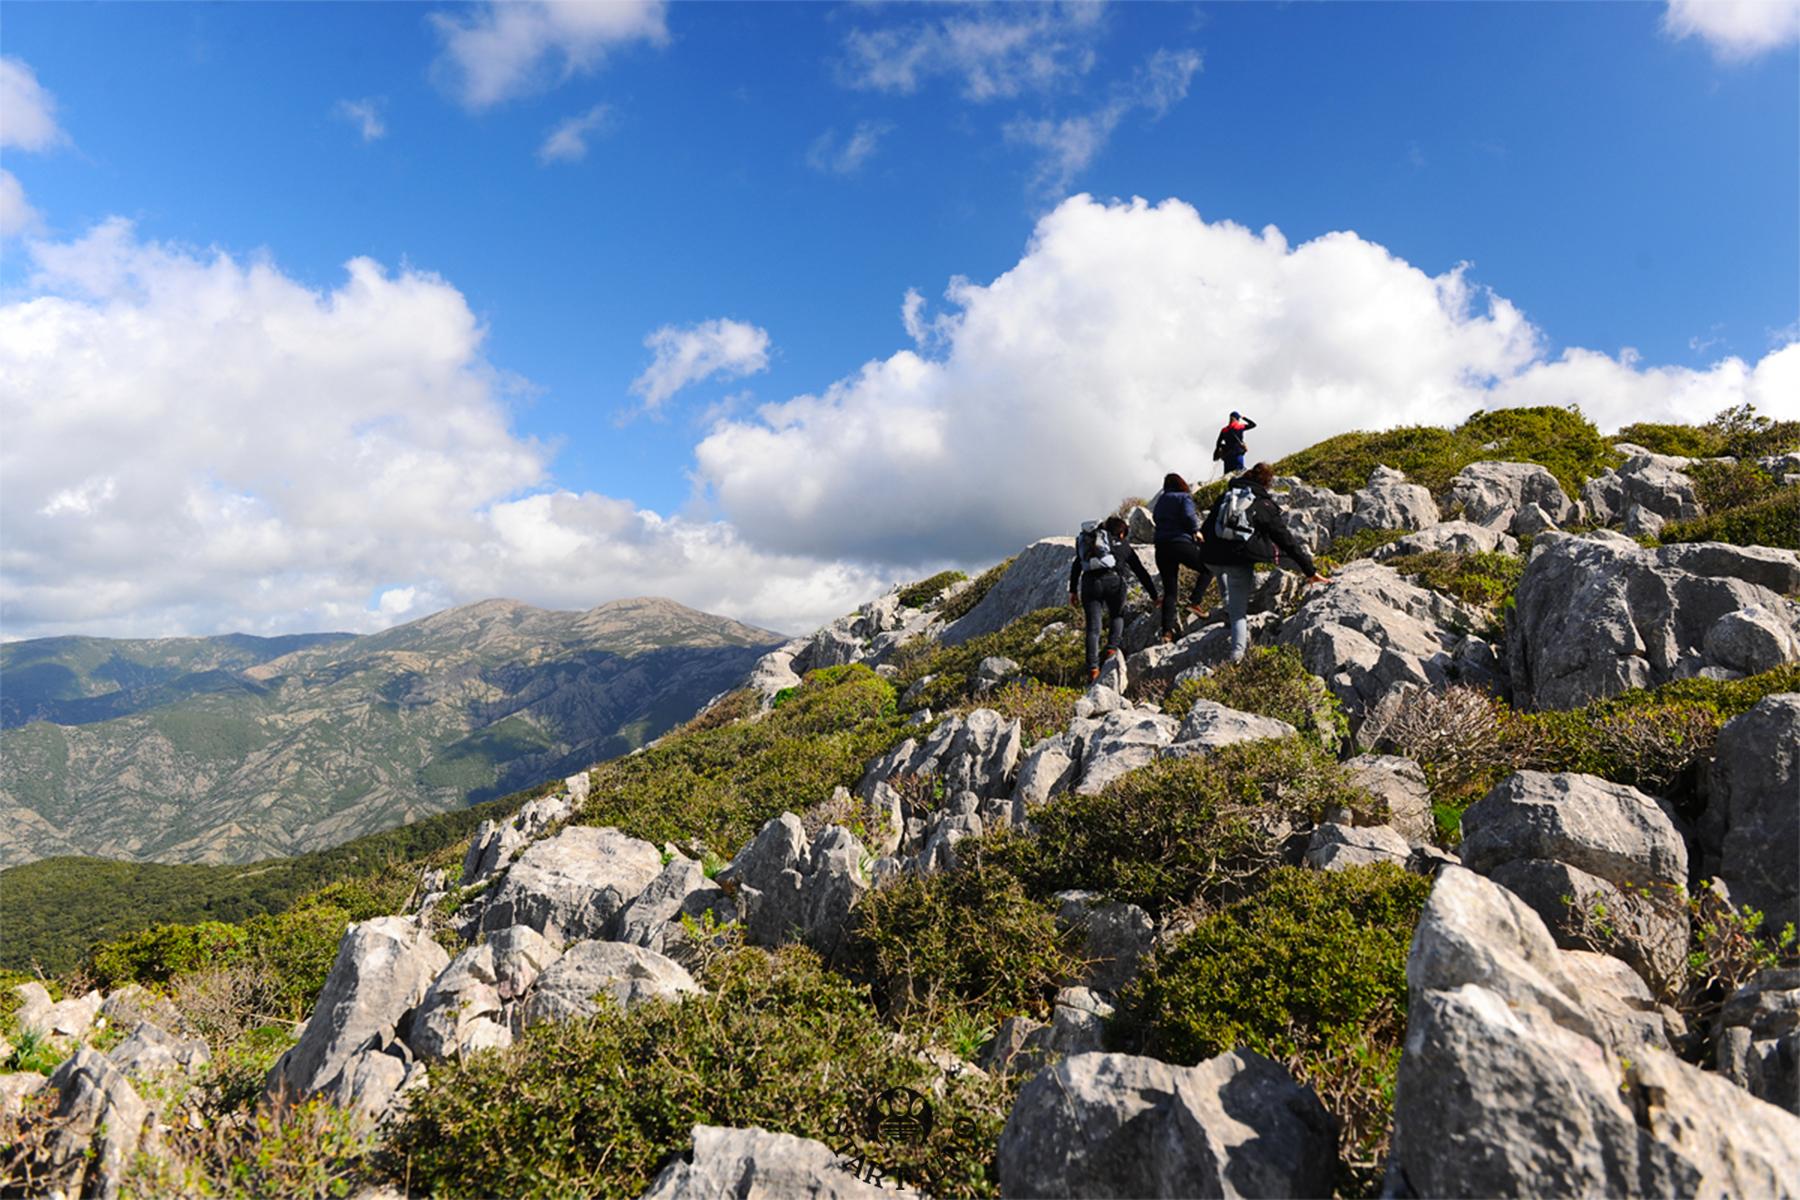 Sez Escursioni_Foto staticac per descrizione trekking